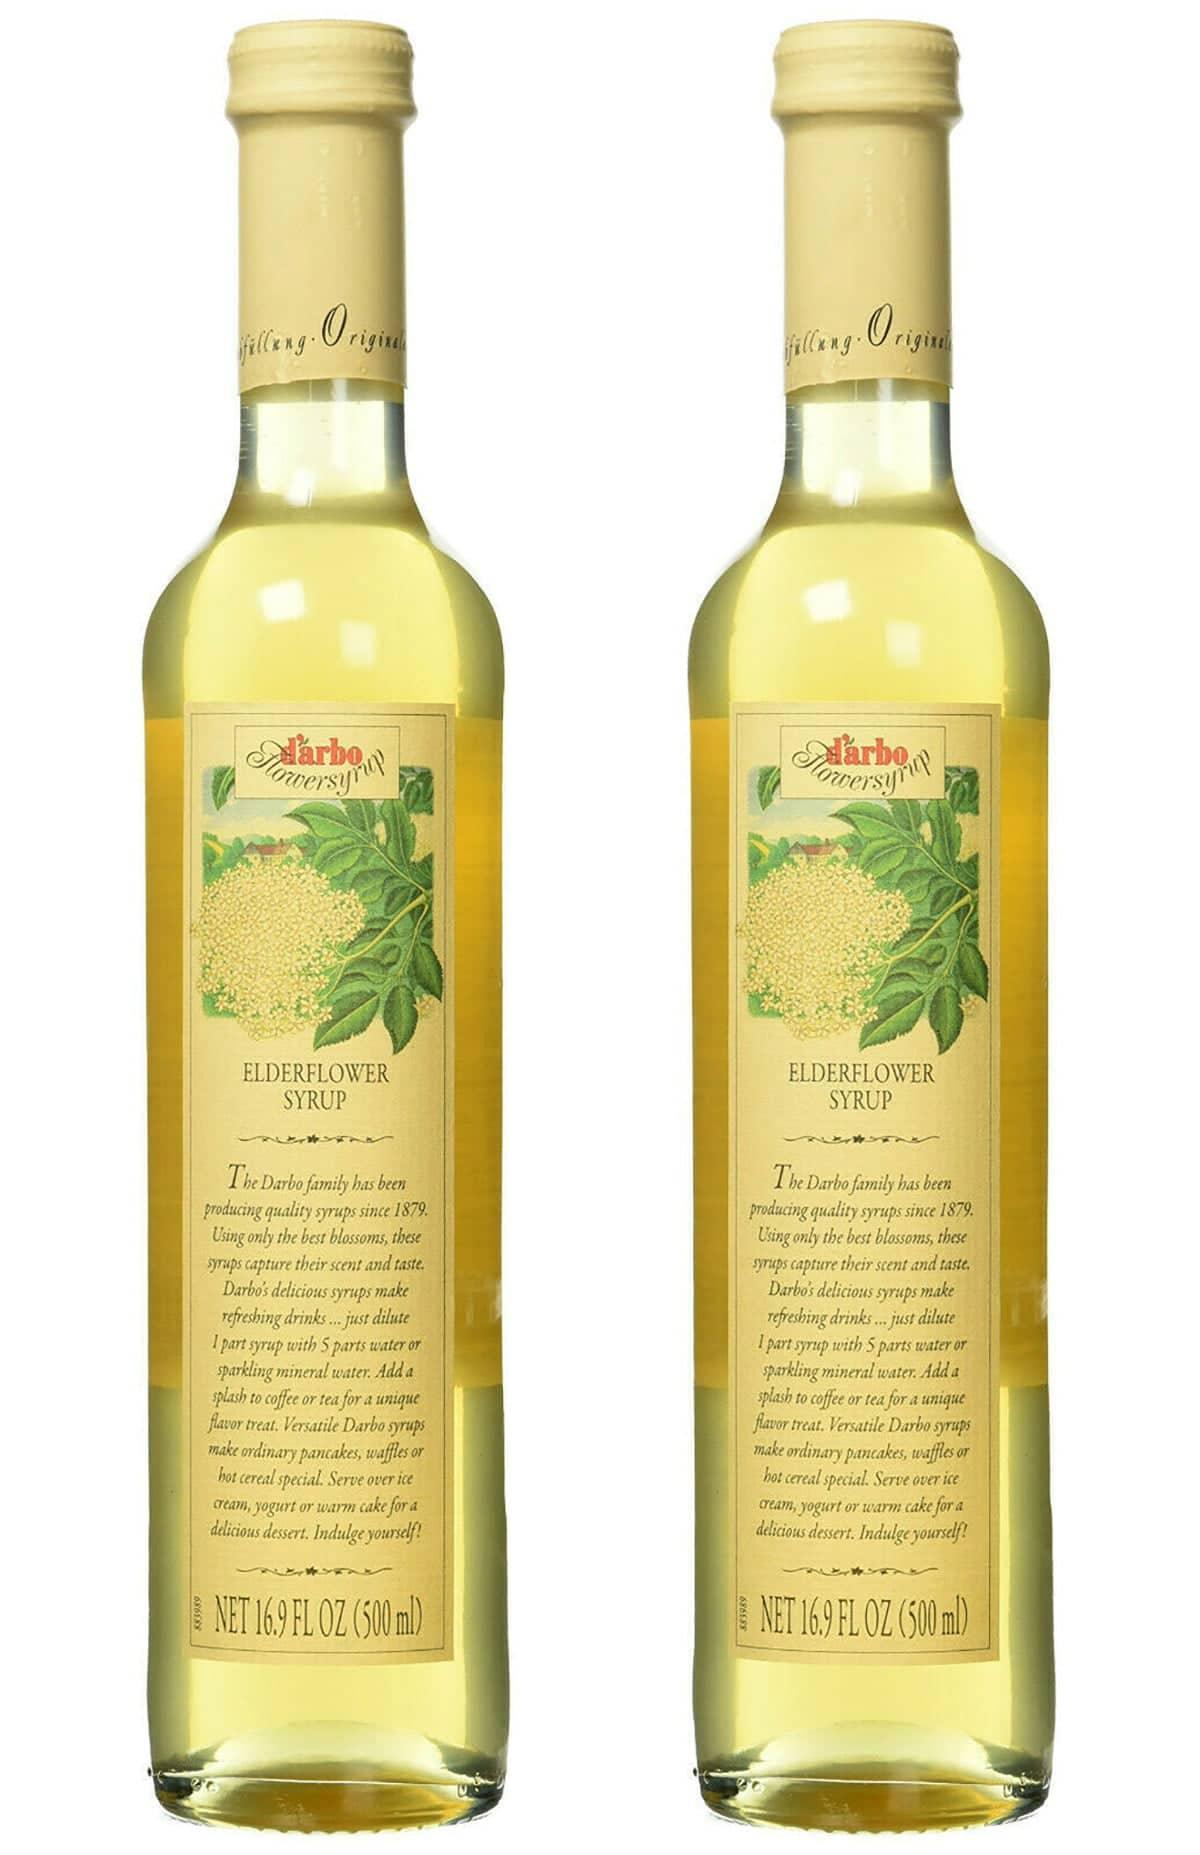 Two tall, slender bottles of elderflower syrup.